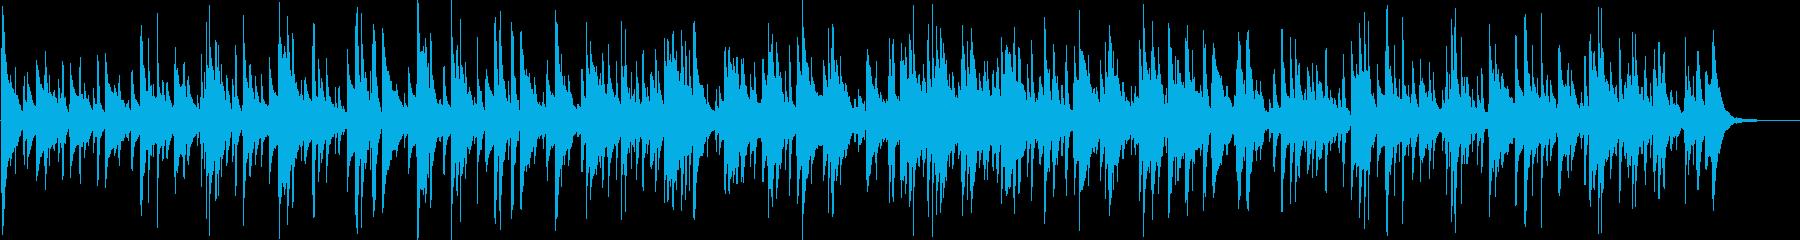 アコースティックバラードA110の再生済みの波形